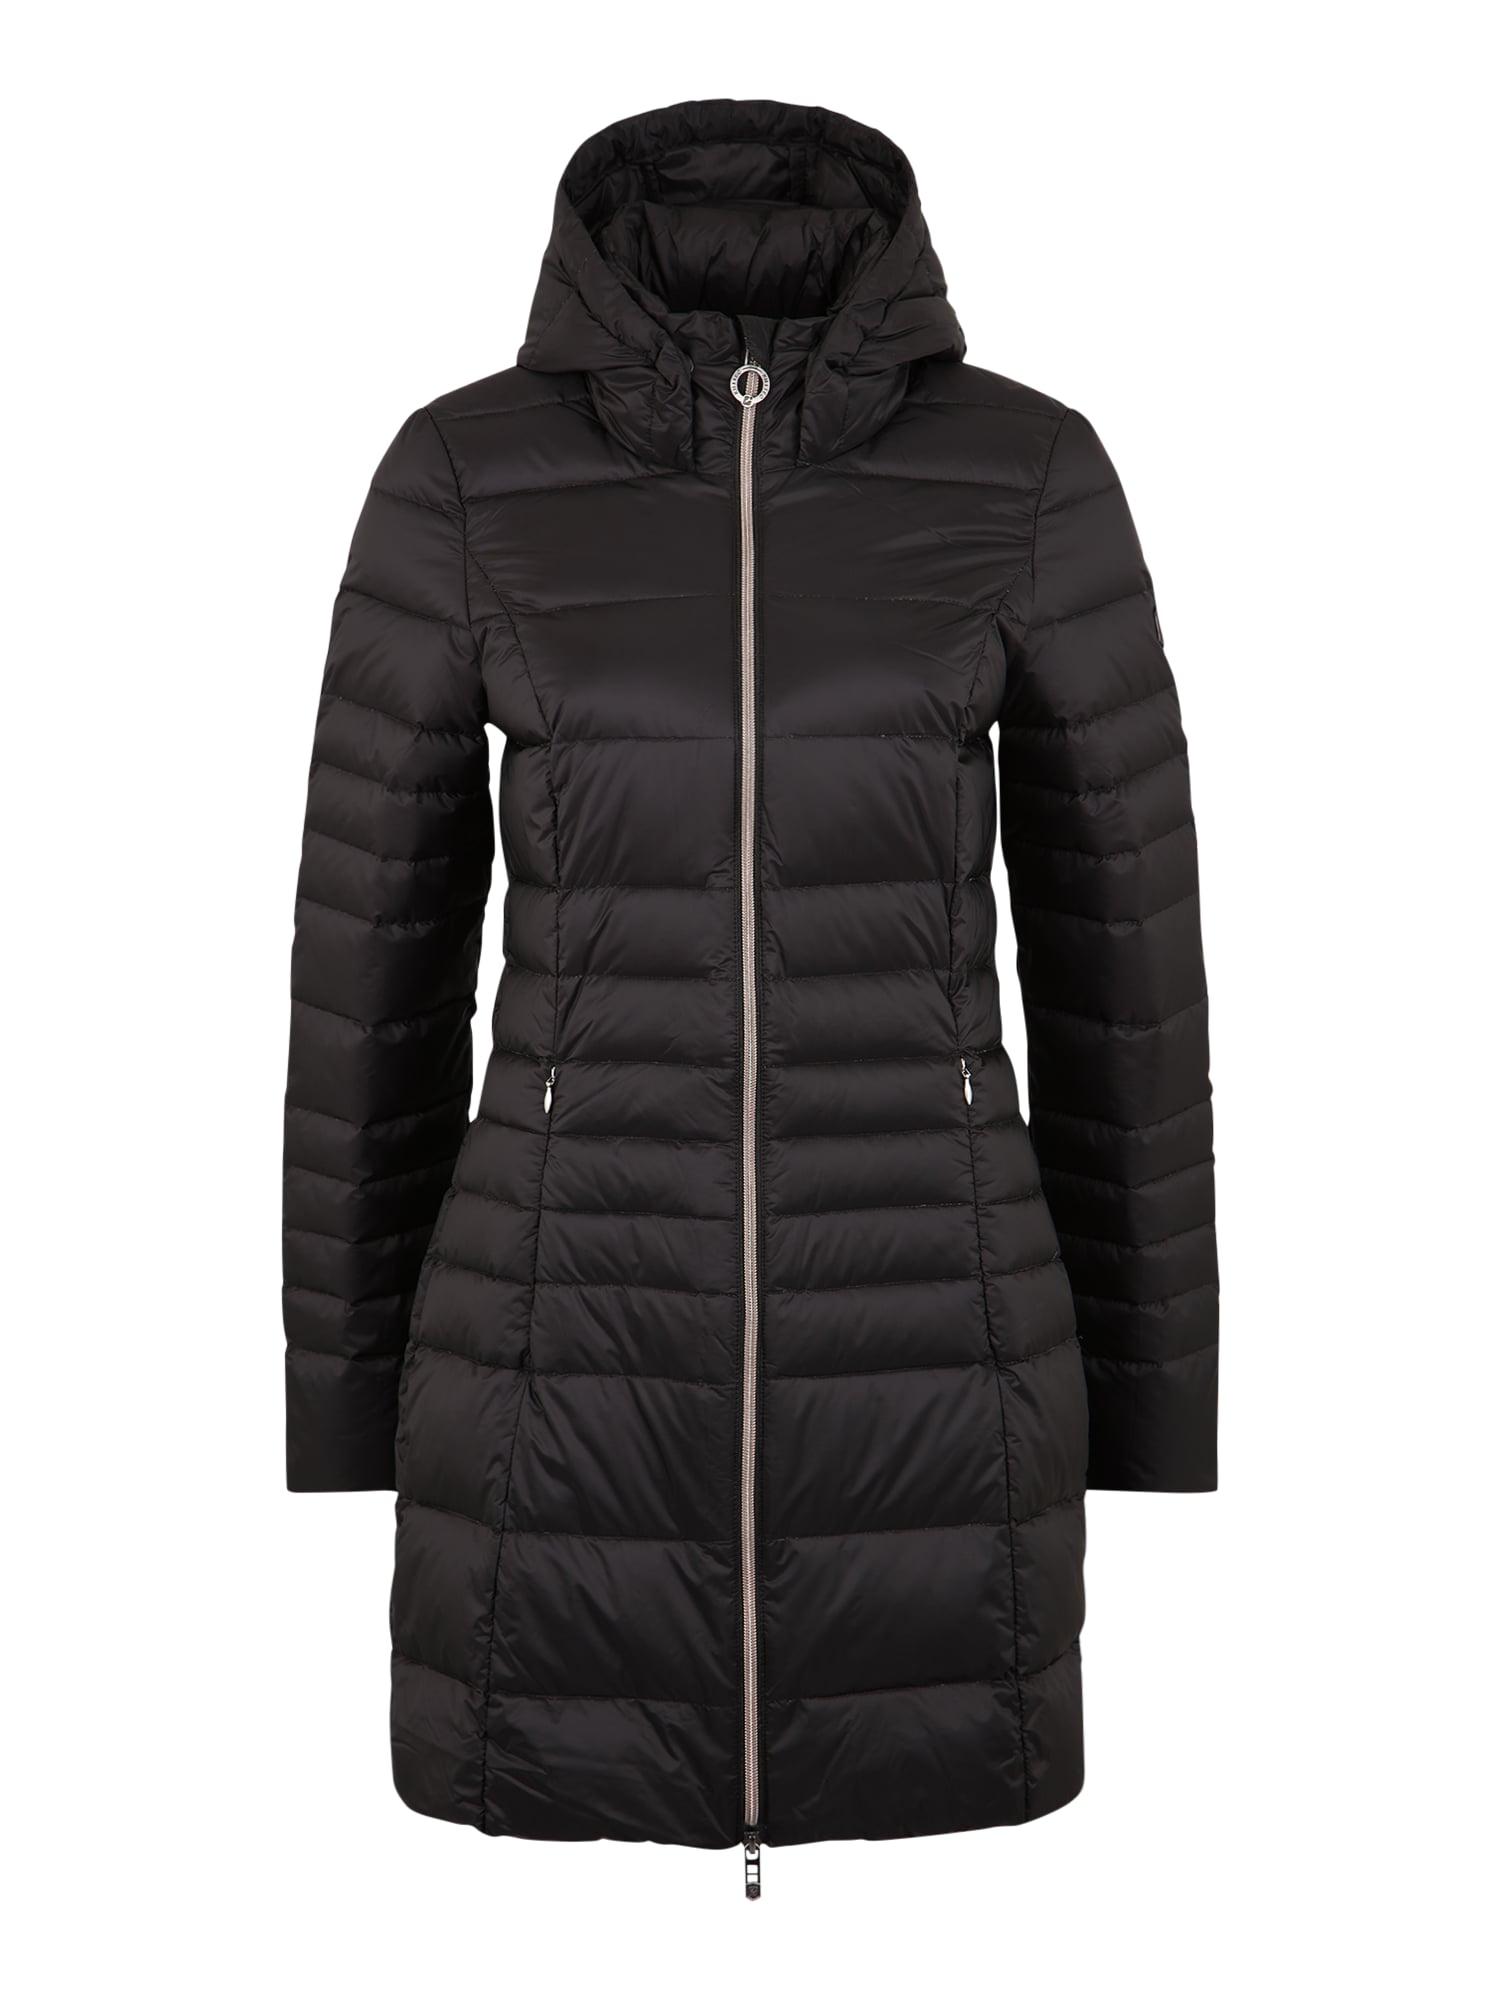 Outdoorový kabát Merynda černá KILLTEC